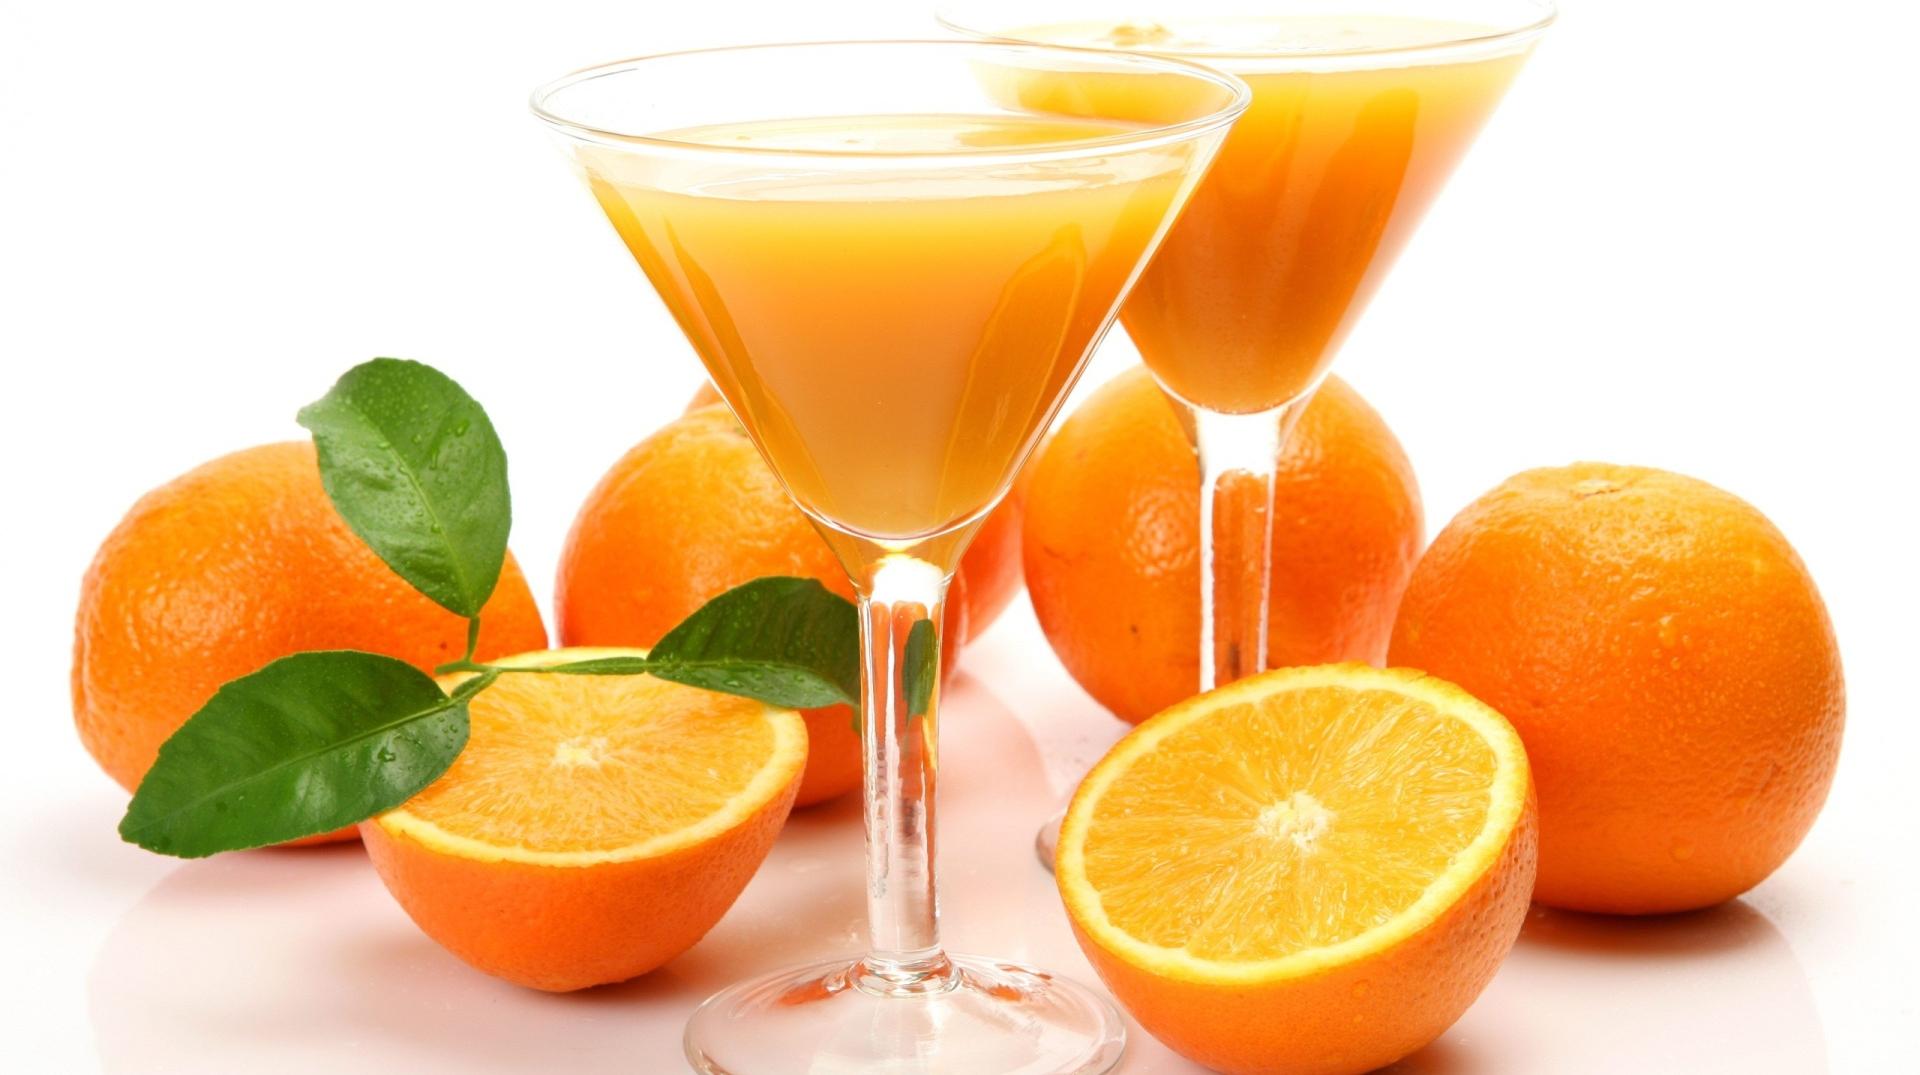 ទឹកក្រូច-น้ำส้ม ภาษาเขมรวันละคำ